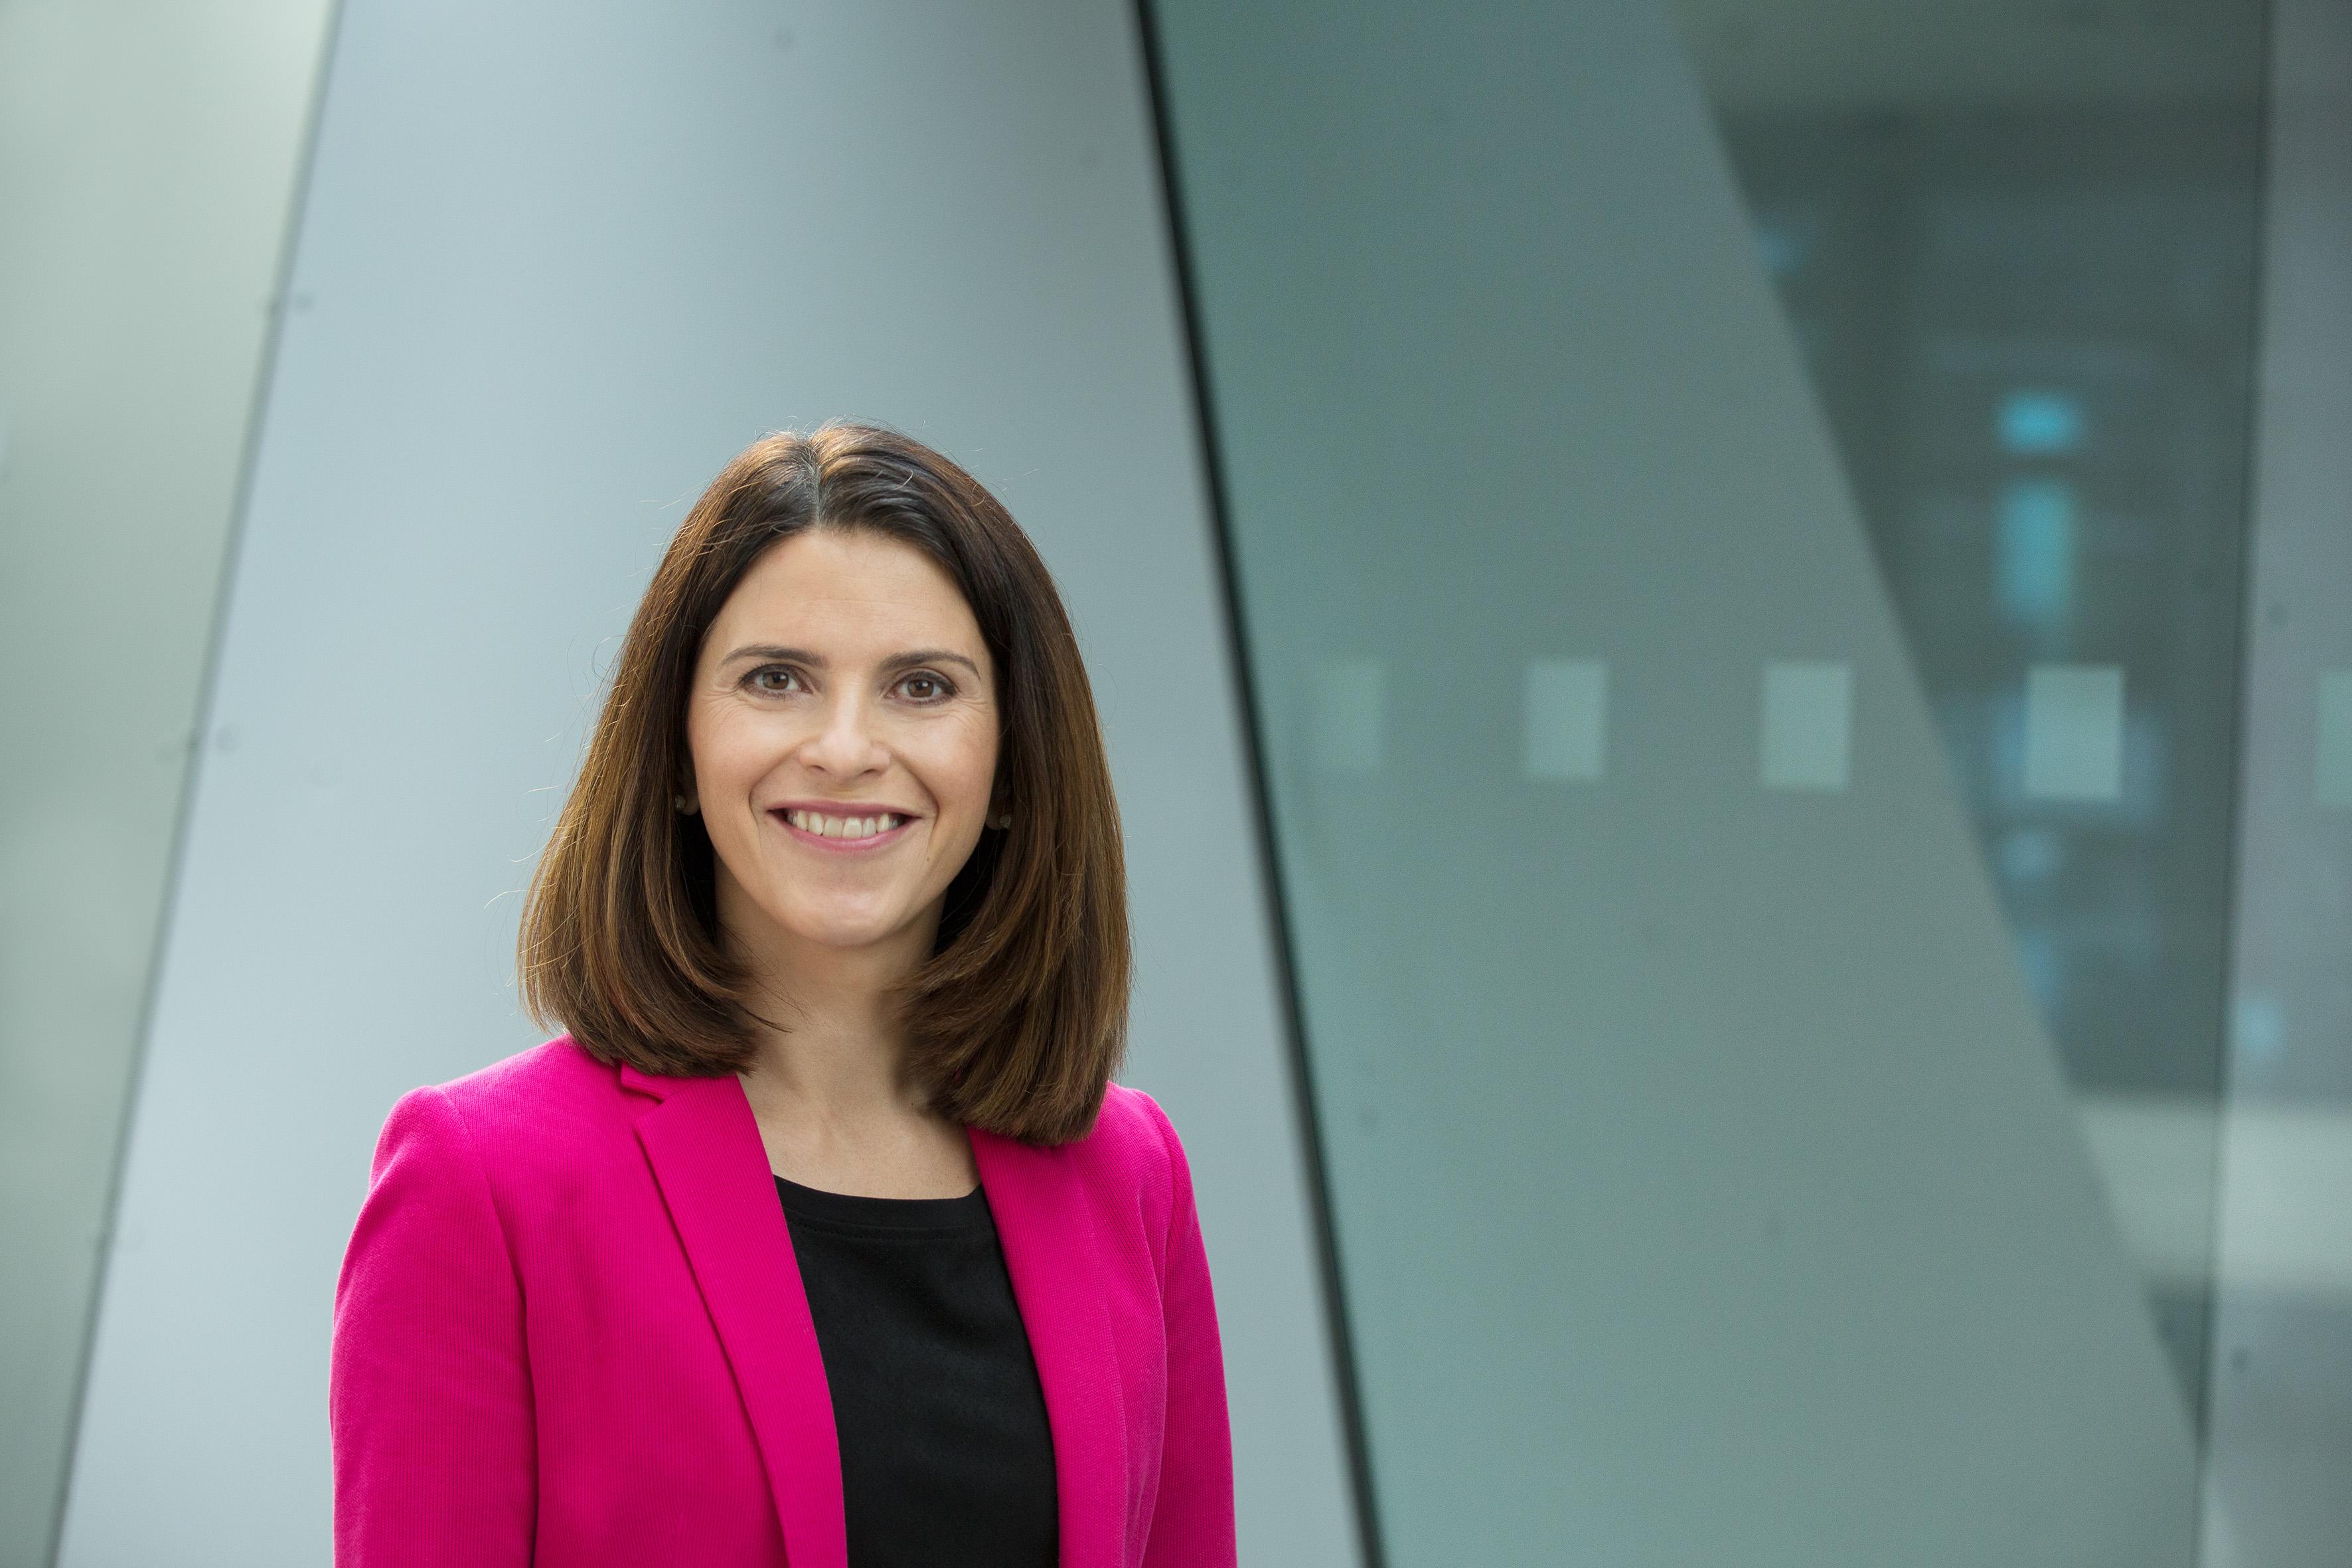 Wechsel in der Geschäftsleitung: Maria Zesch neue Geschäftsführerin (CCO) bei T-Mobile Austria